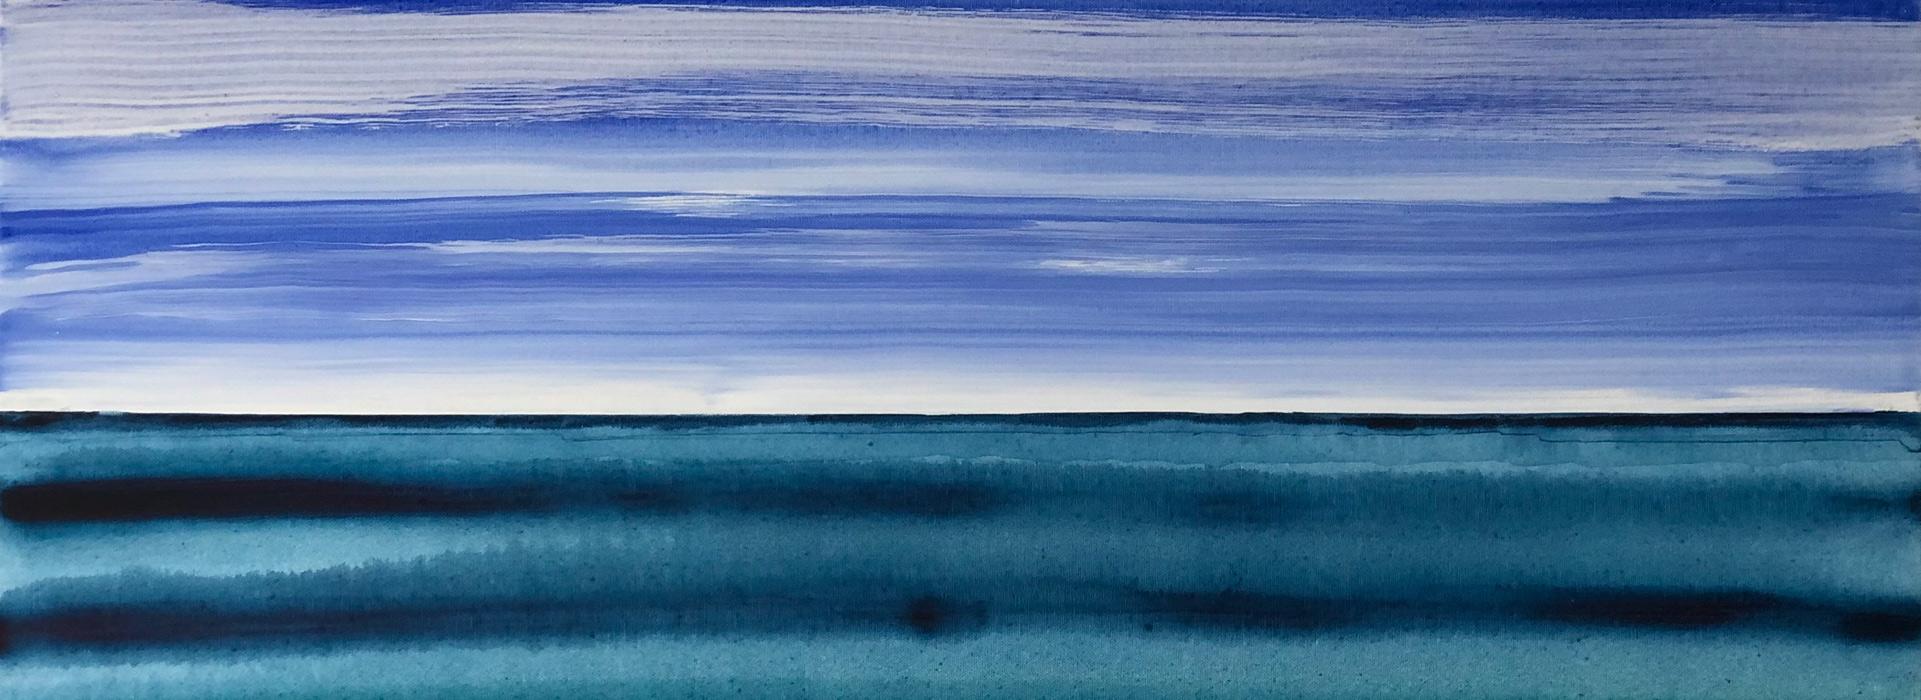 Handgemalte Bilder Abstrakt Blau Meer Bild mit Himmel